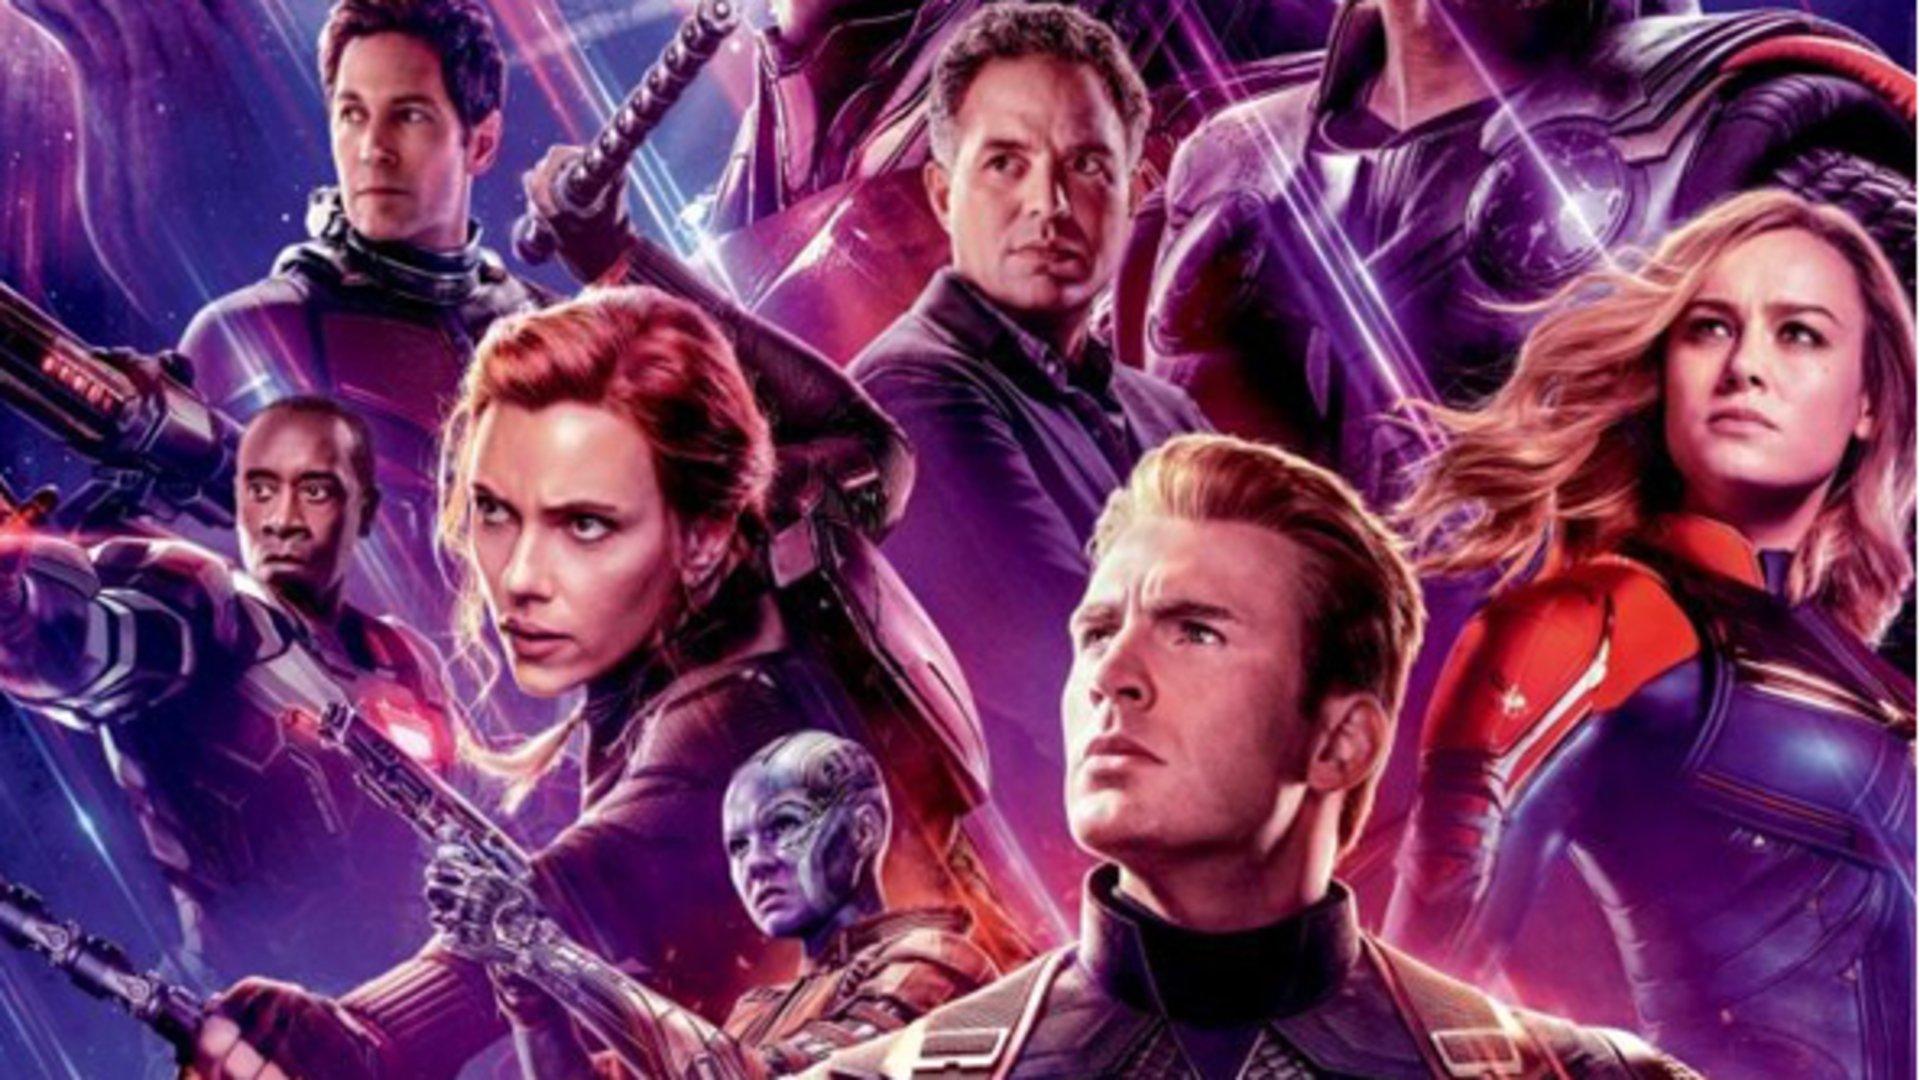 """Nach """"Avengers: Endgame"""": MCU wird vielleicht von den """"Young Avengers"""" unterstützt"""